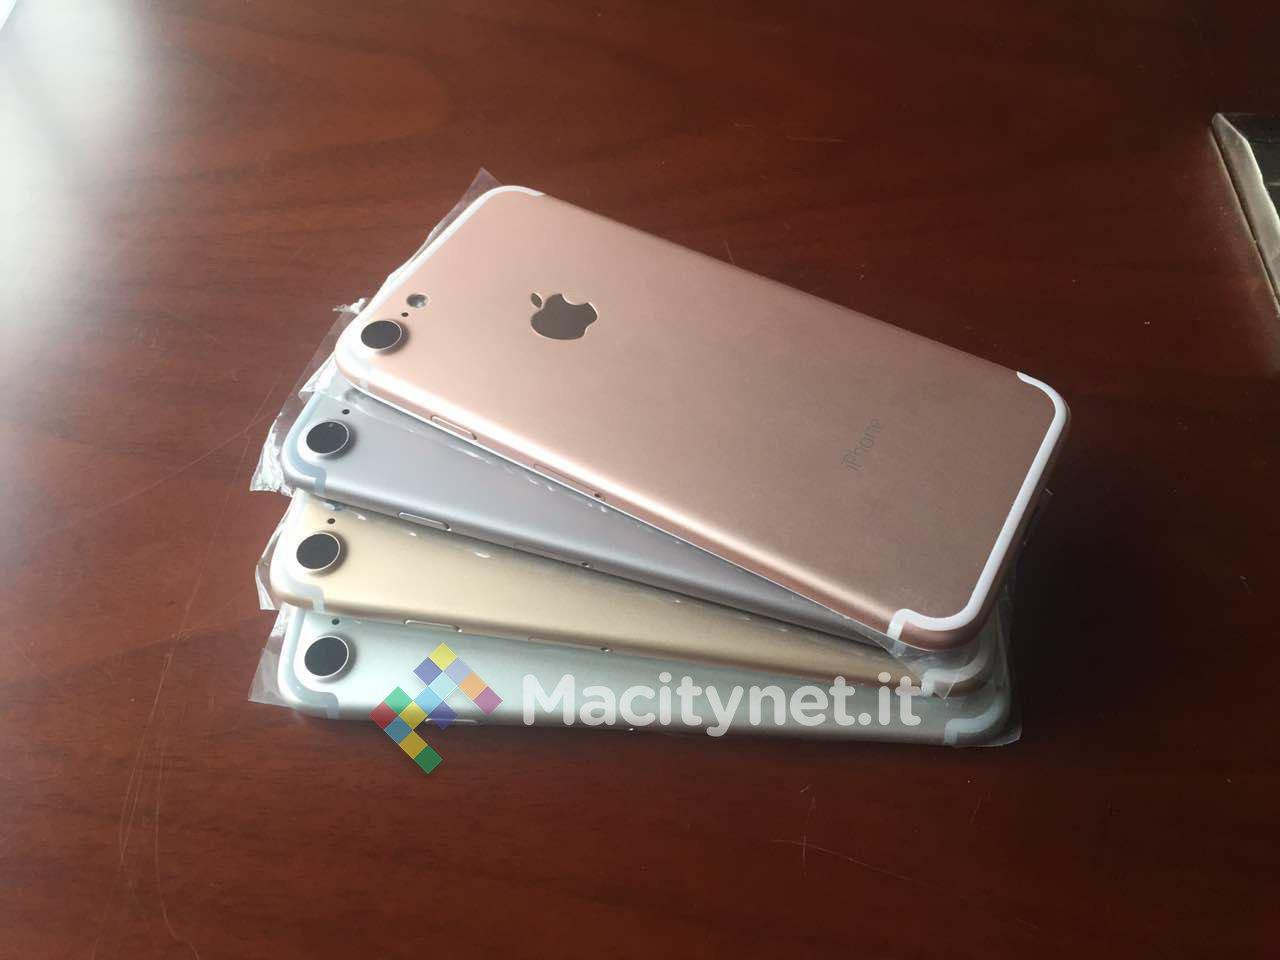 iphone-7-colors-leak